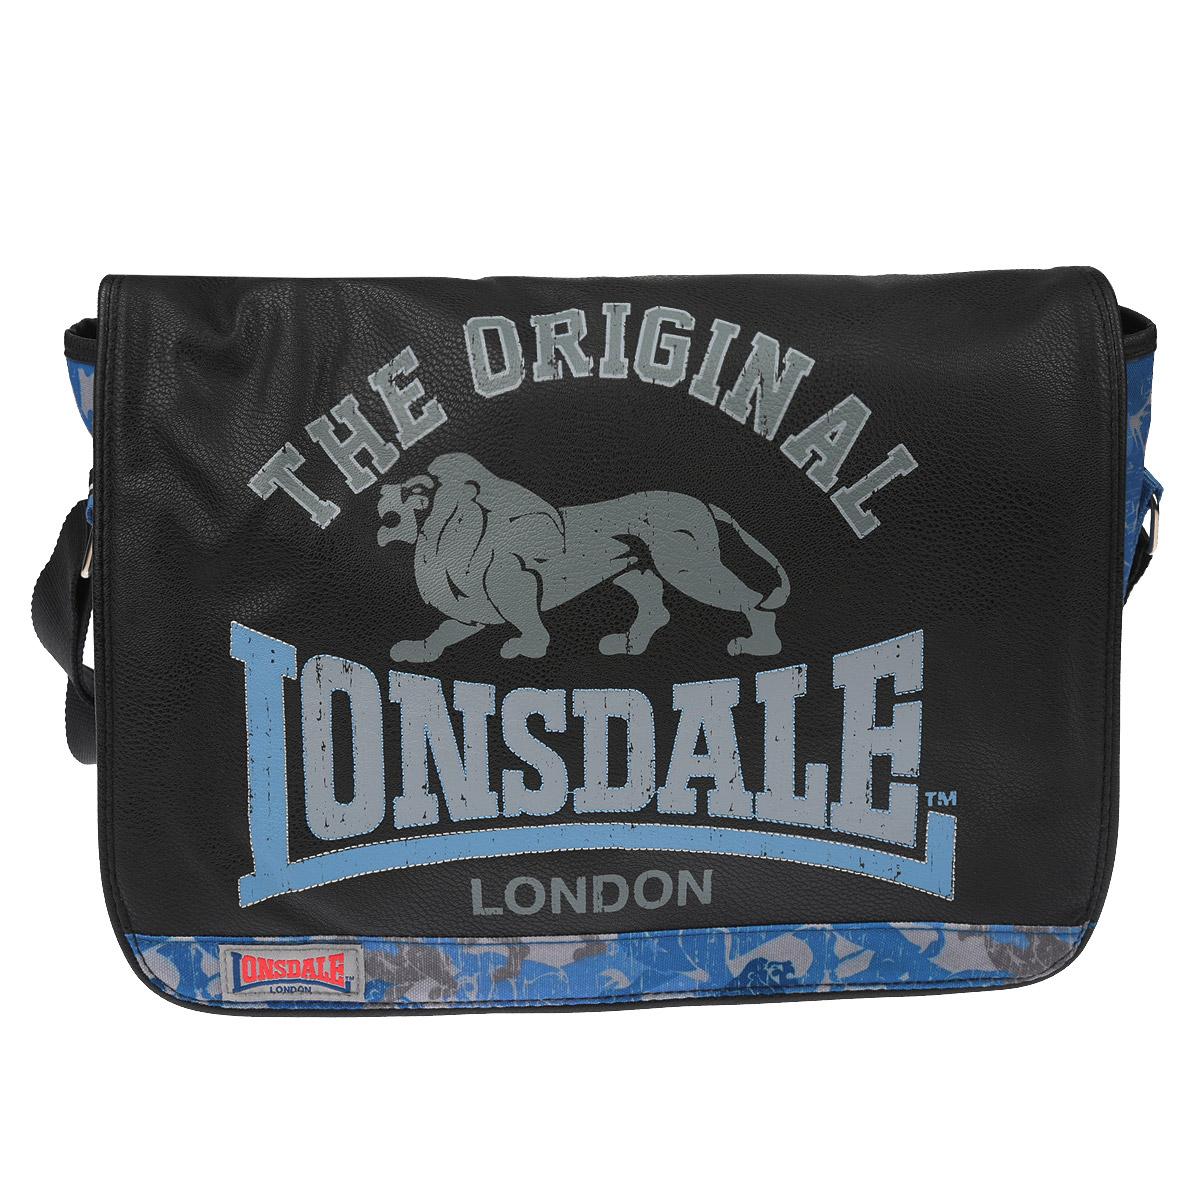 Сумка молодежная Lonsdale, цвет: черный, серый, голубойLSCB-UT1-9532Оригинальная молодежная сумка Lonsdale прекрасно подойдет для учебы, занятий спортом и повседневных дел. Стильная, легкая и удобная сумка с ярким принтом станет незаменимым аксессуаром. Вместительное внутреннее отделение закрывается на клапан с магнитными кнопками, в него поместятся все необходимые школьные принадлежности или спортивная форма. Внутри имеется врезной карман на молнии, куда можно разместить предметы небольшого размера. Плотная и широкая лямка свободно регулируется по длине, что позволяет носить сумку школьникам разного возраста. Лаконичный и сдержанный дизайн подчеркнет индивидуальность и порадует своей функциональностью.